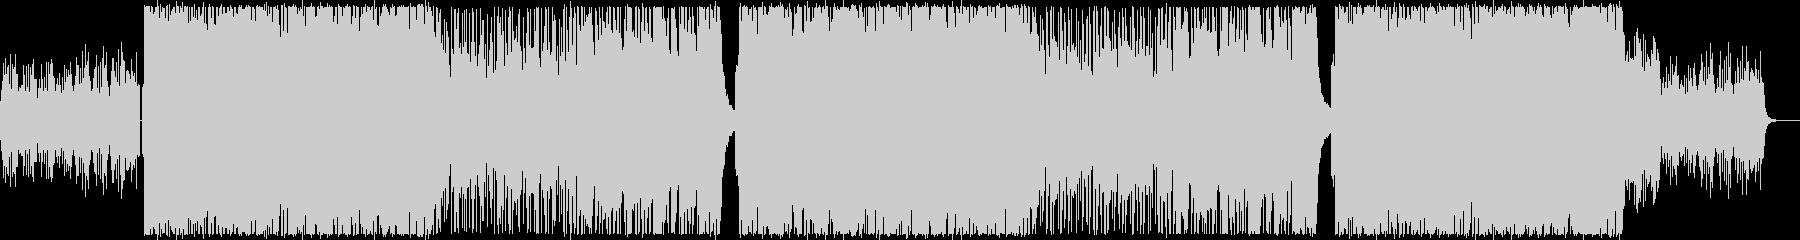 レトロフューチャーな感動系シンセポップの未再生の波形